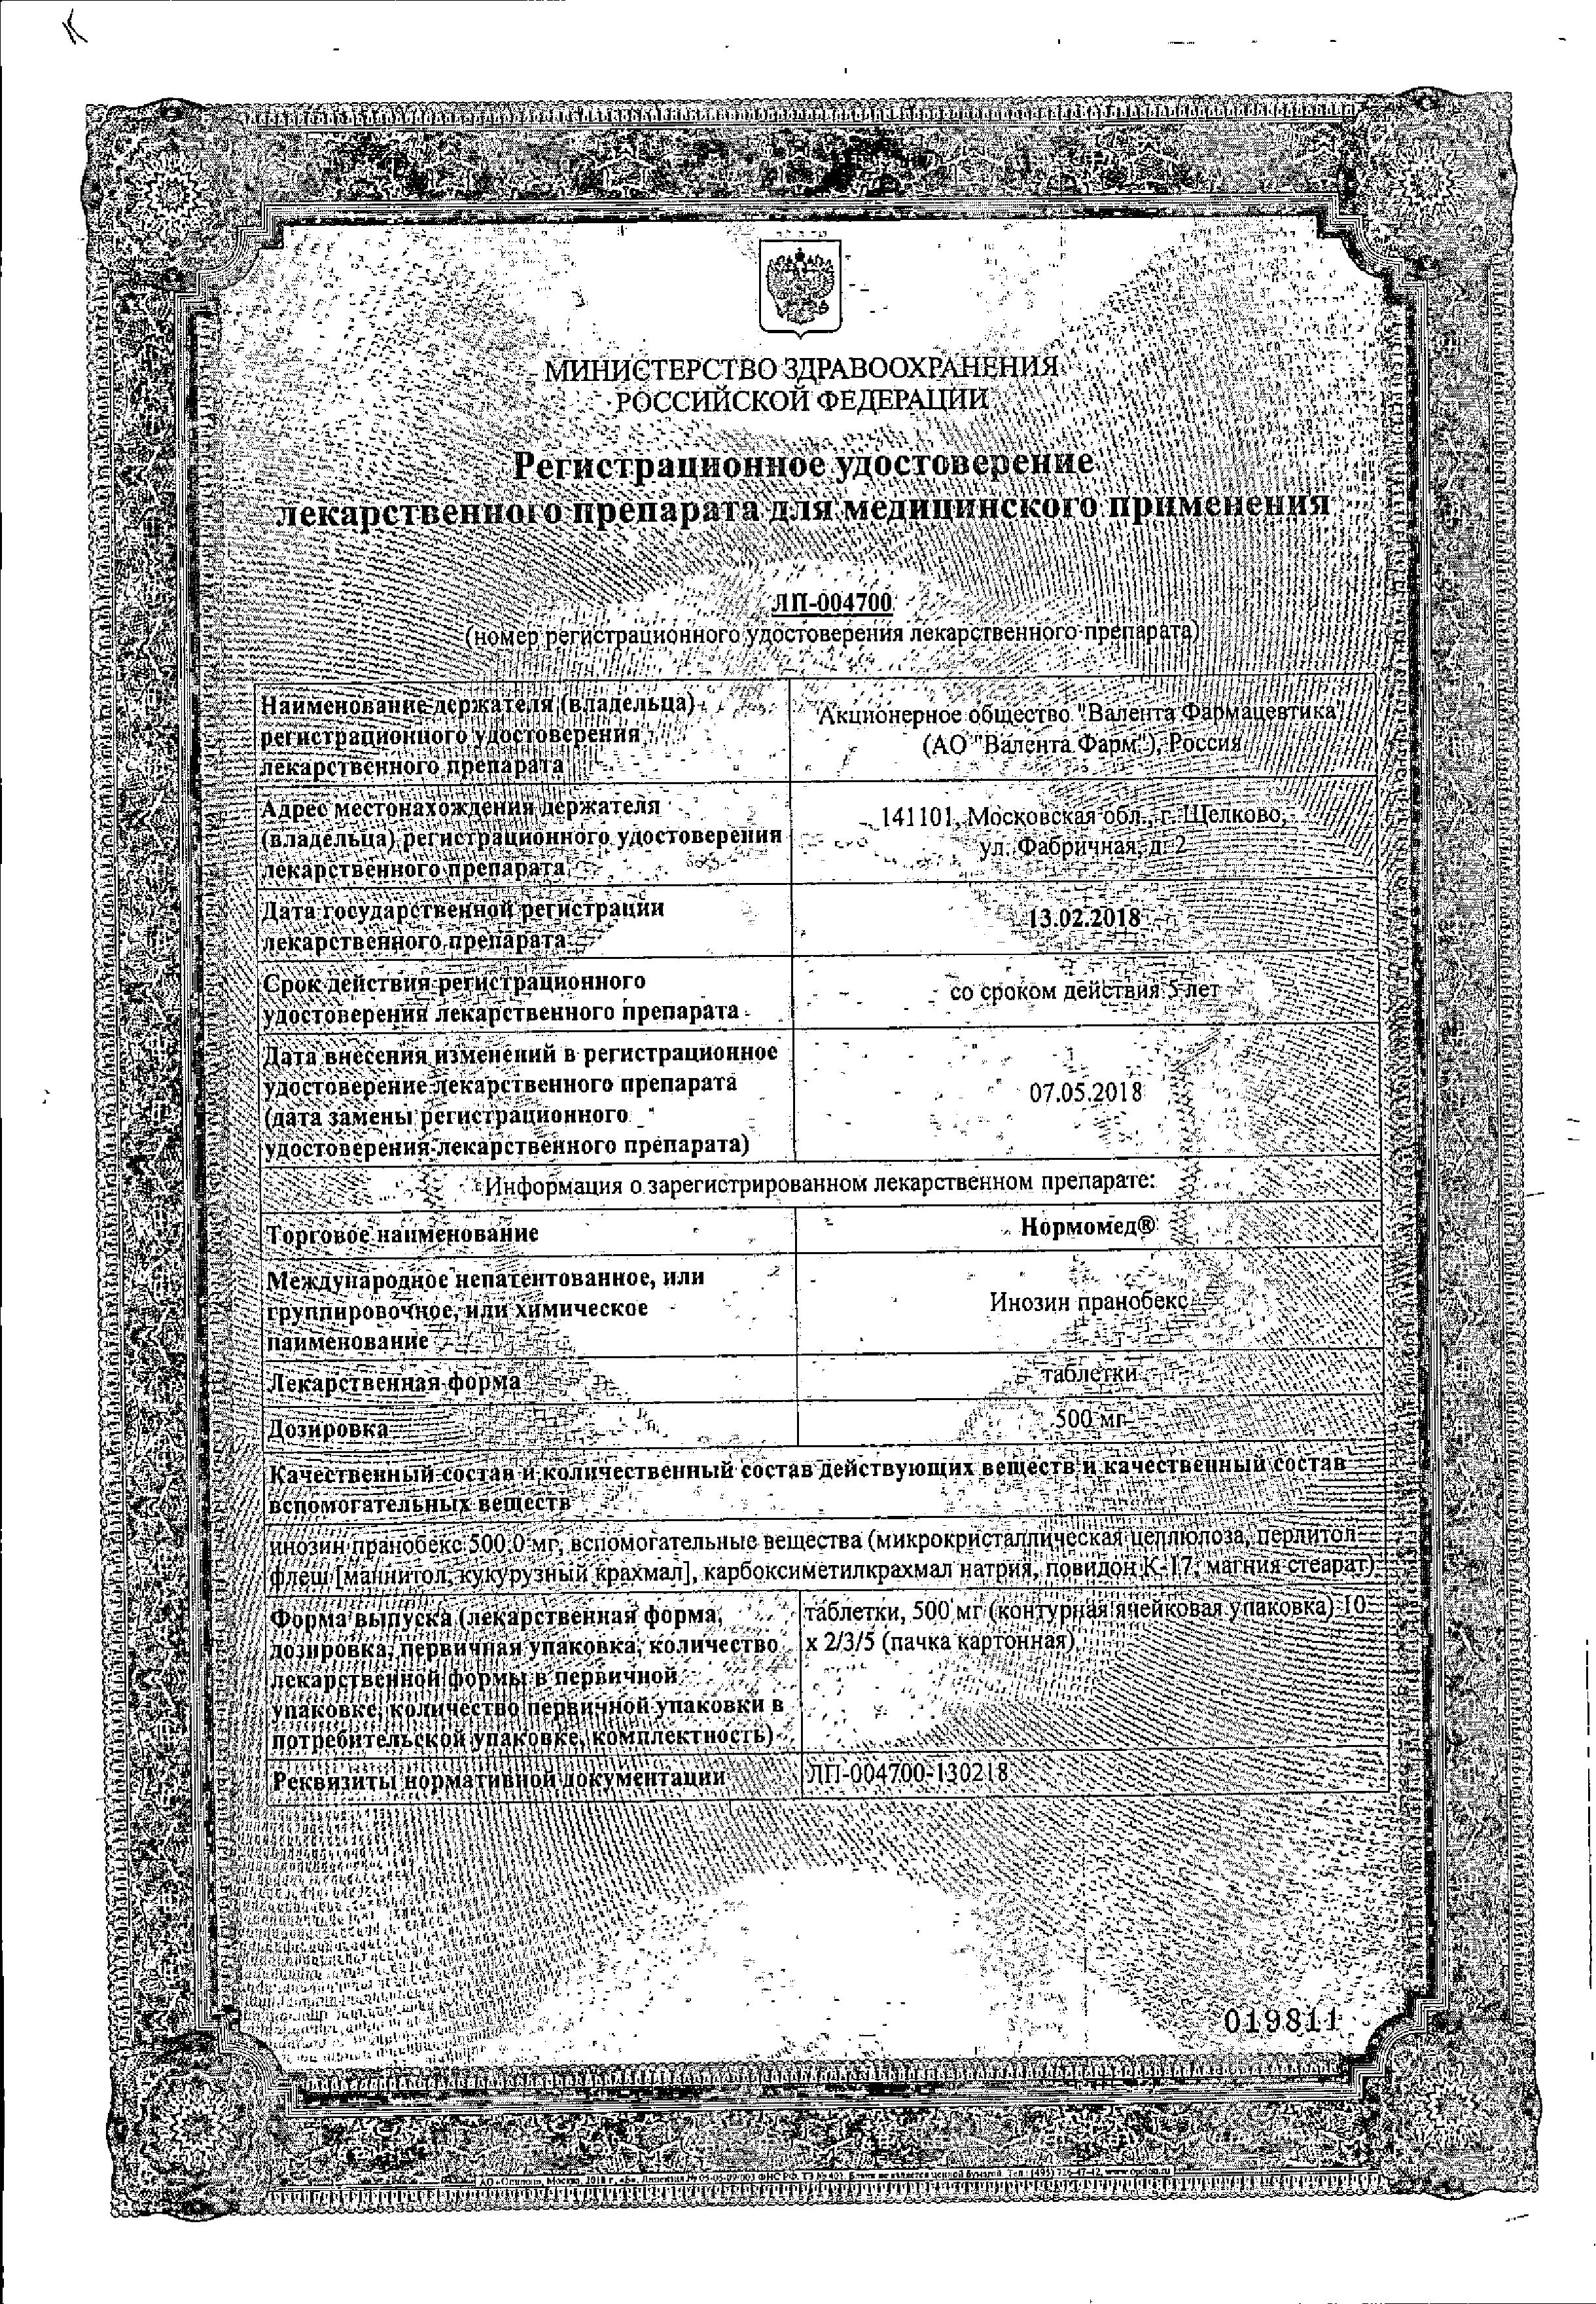 Нормомед сертификат